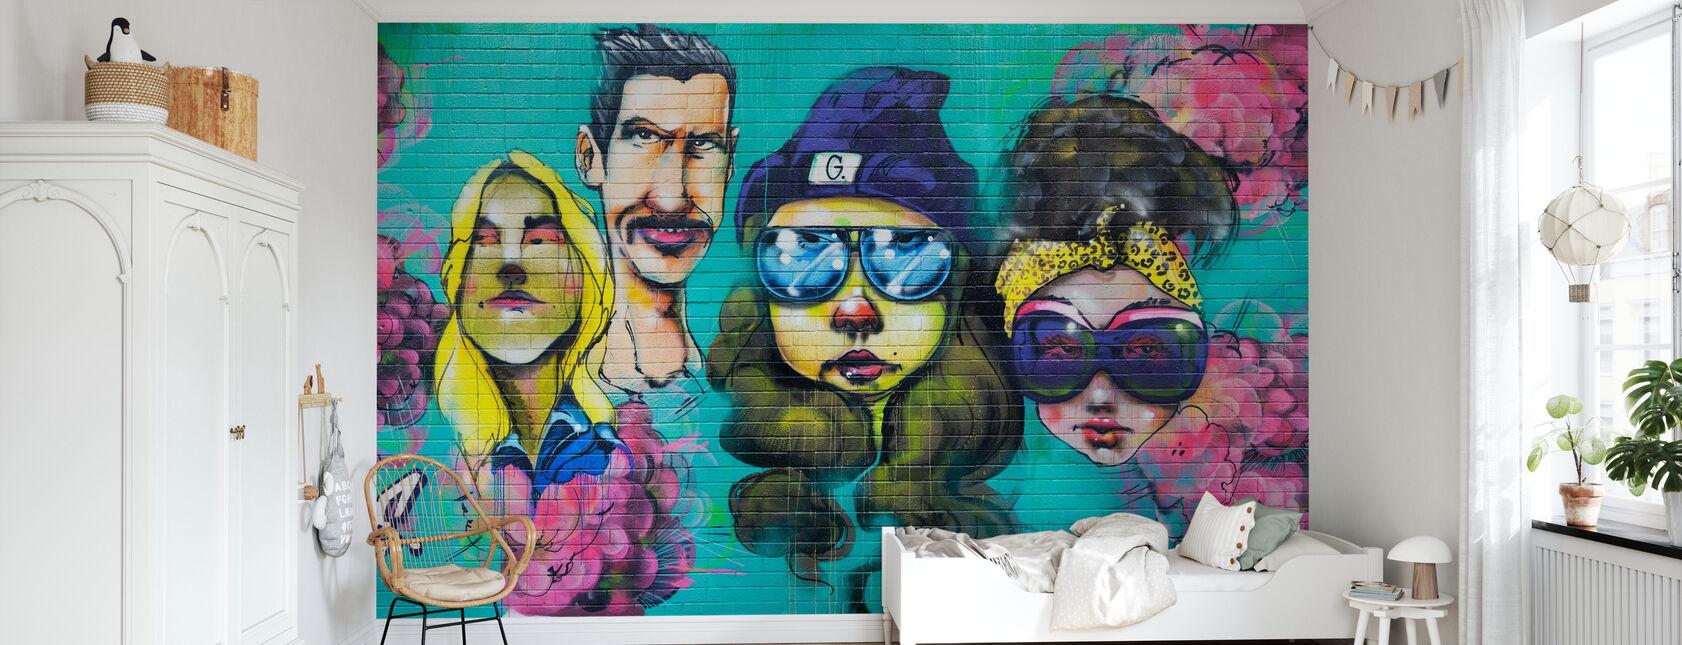 Gouge - Wallpaper - Kids Room